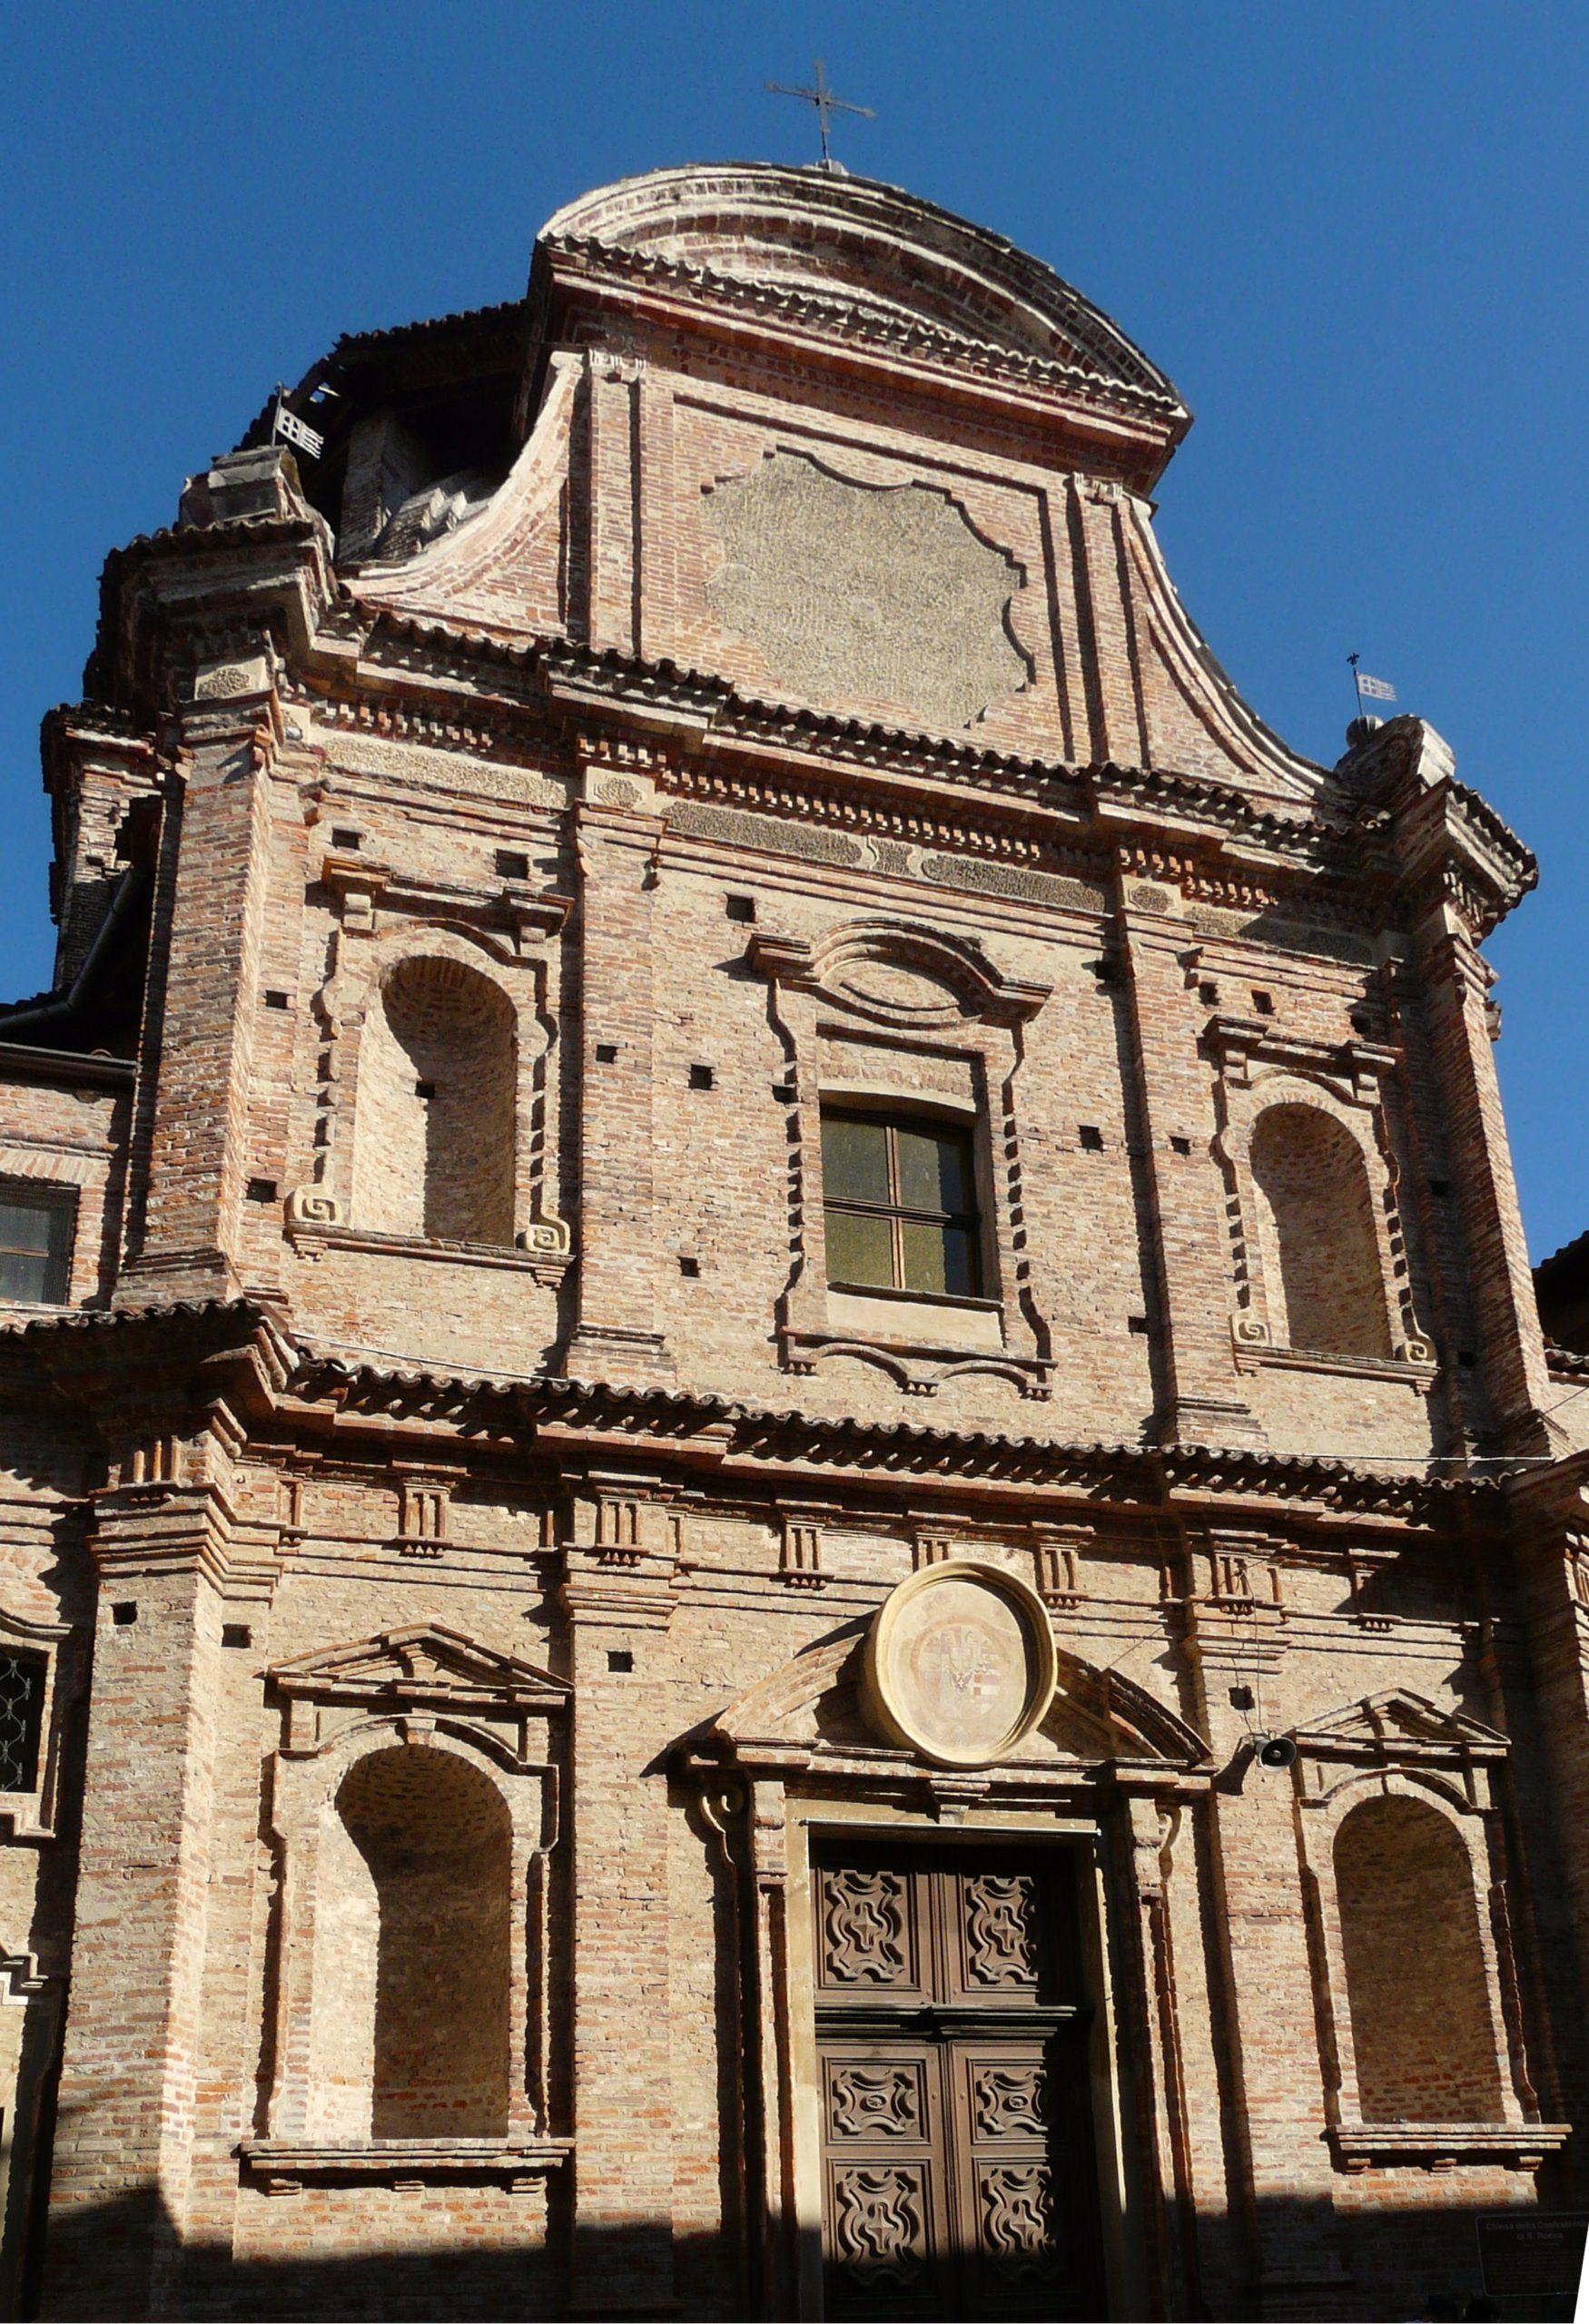 Collettiva del Centro Artistico Culturale a San Rocco, Carmagnola